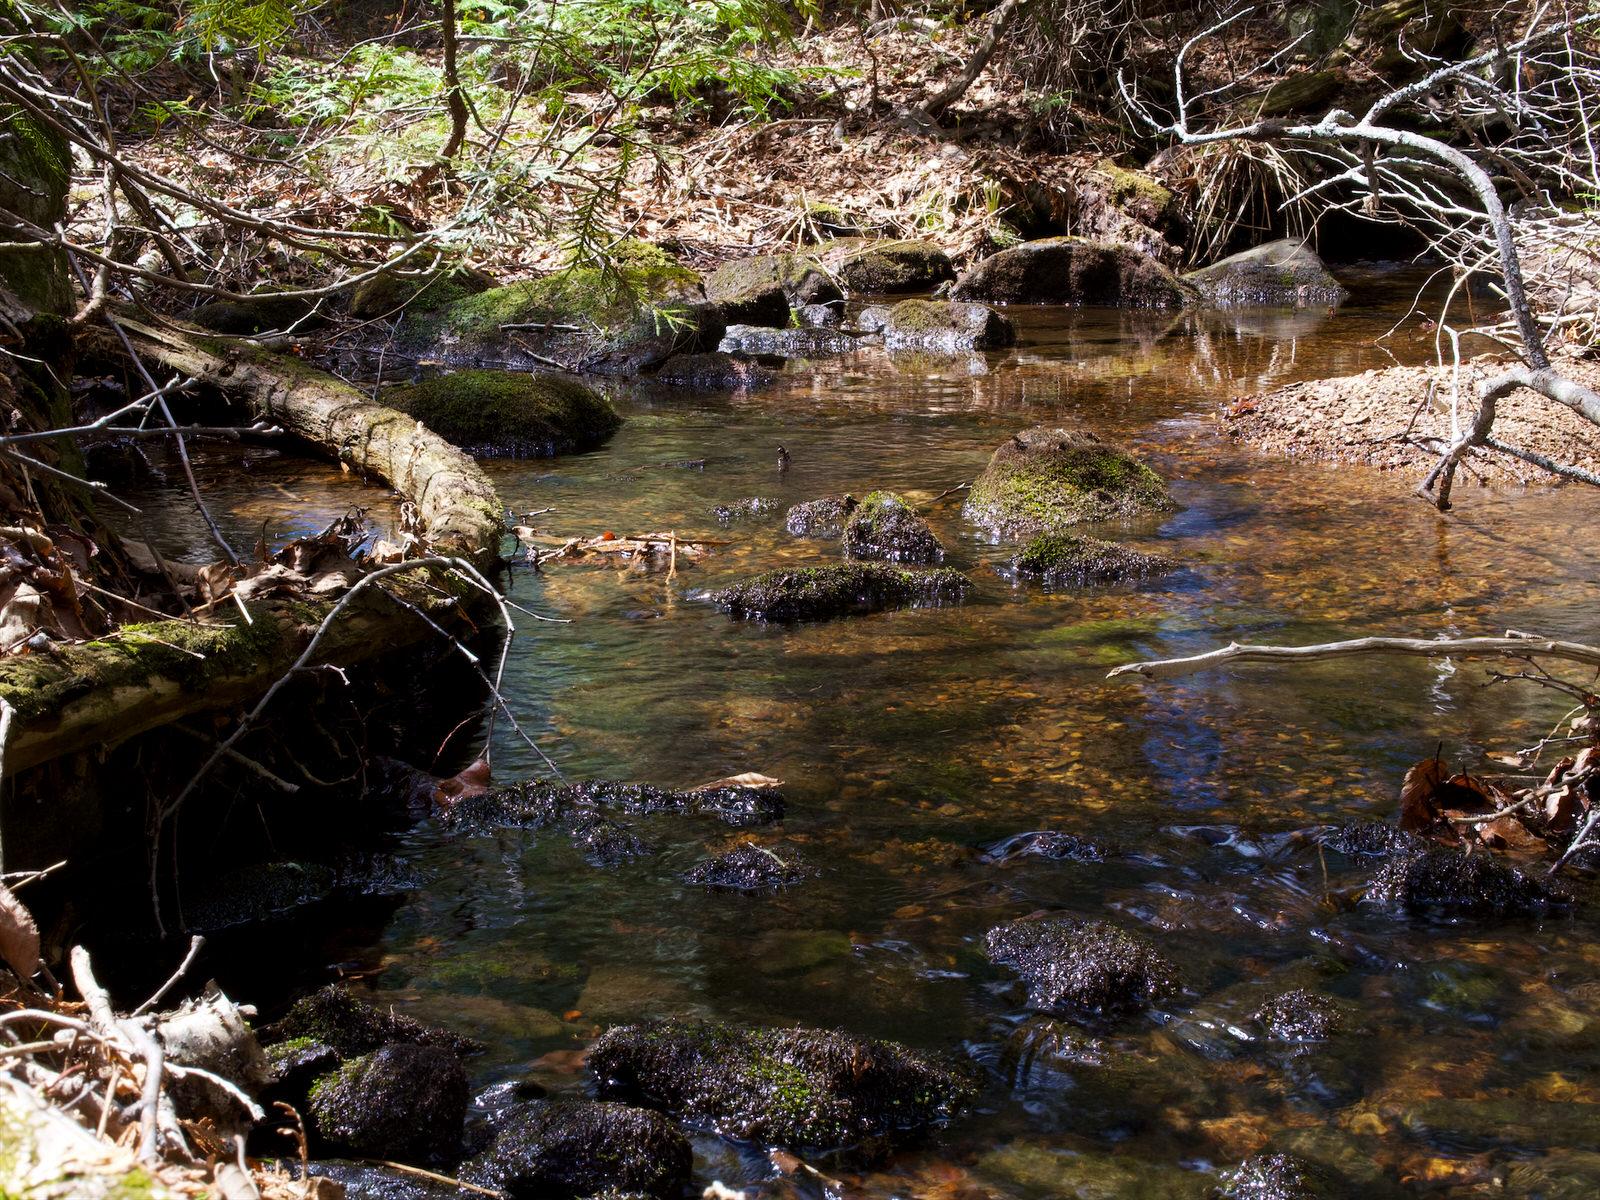 Un ruisseau au milieu de la forêt canadienne